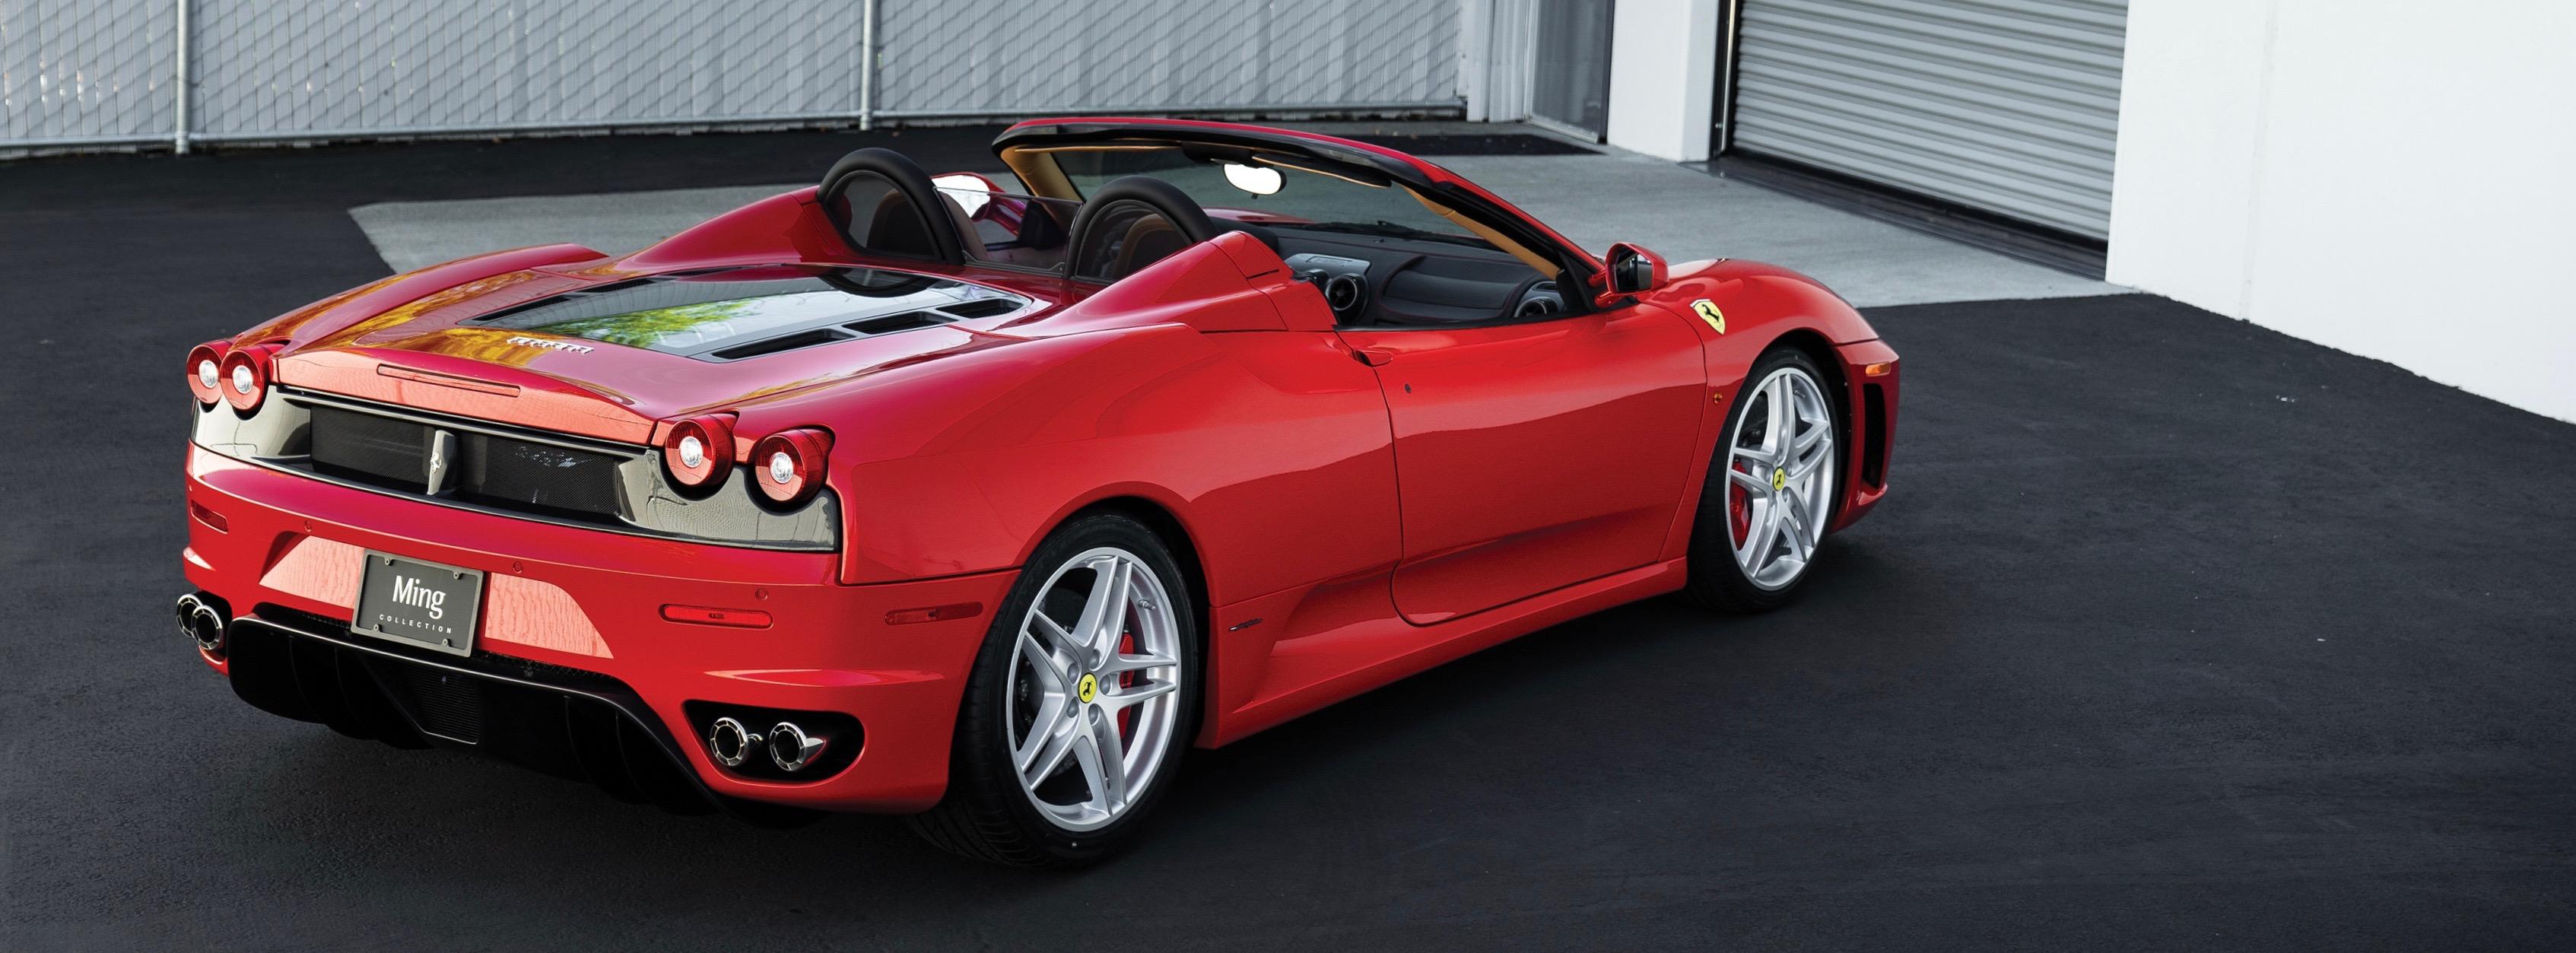 2007 Ferrari 430 Spider F1